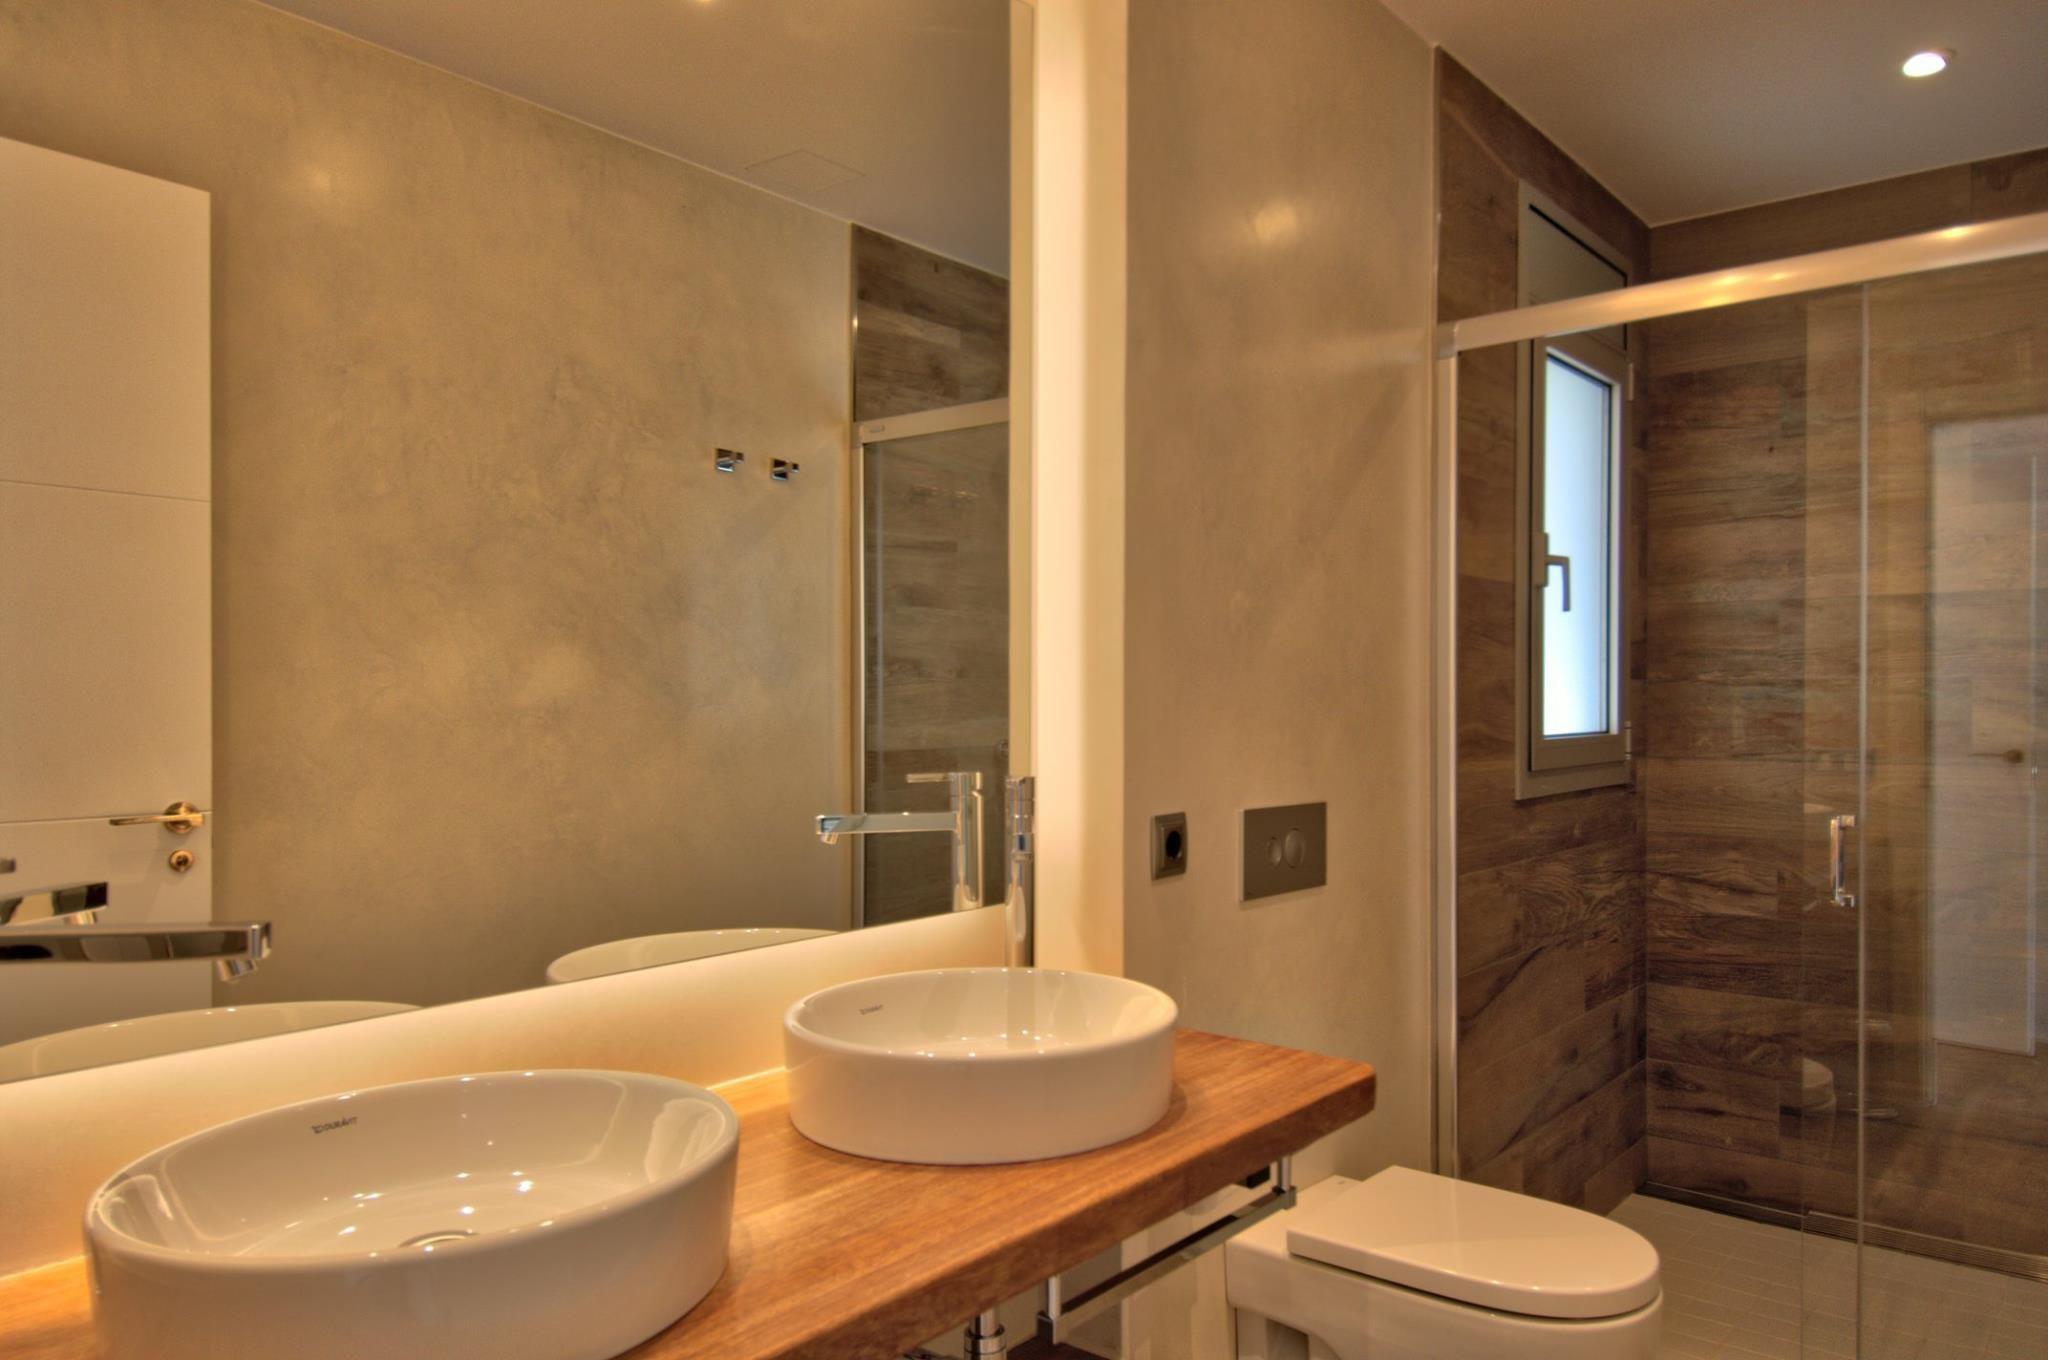 Kleines badezimmer design 5 'x 6' xalet a calella de palafrugell obra nova materials subministrats